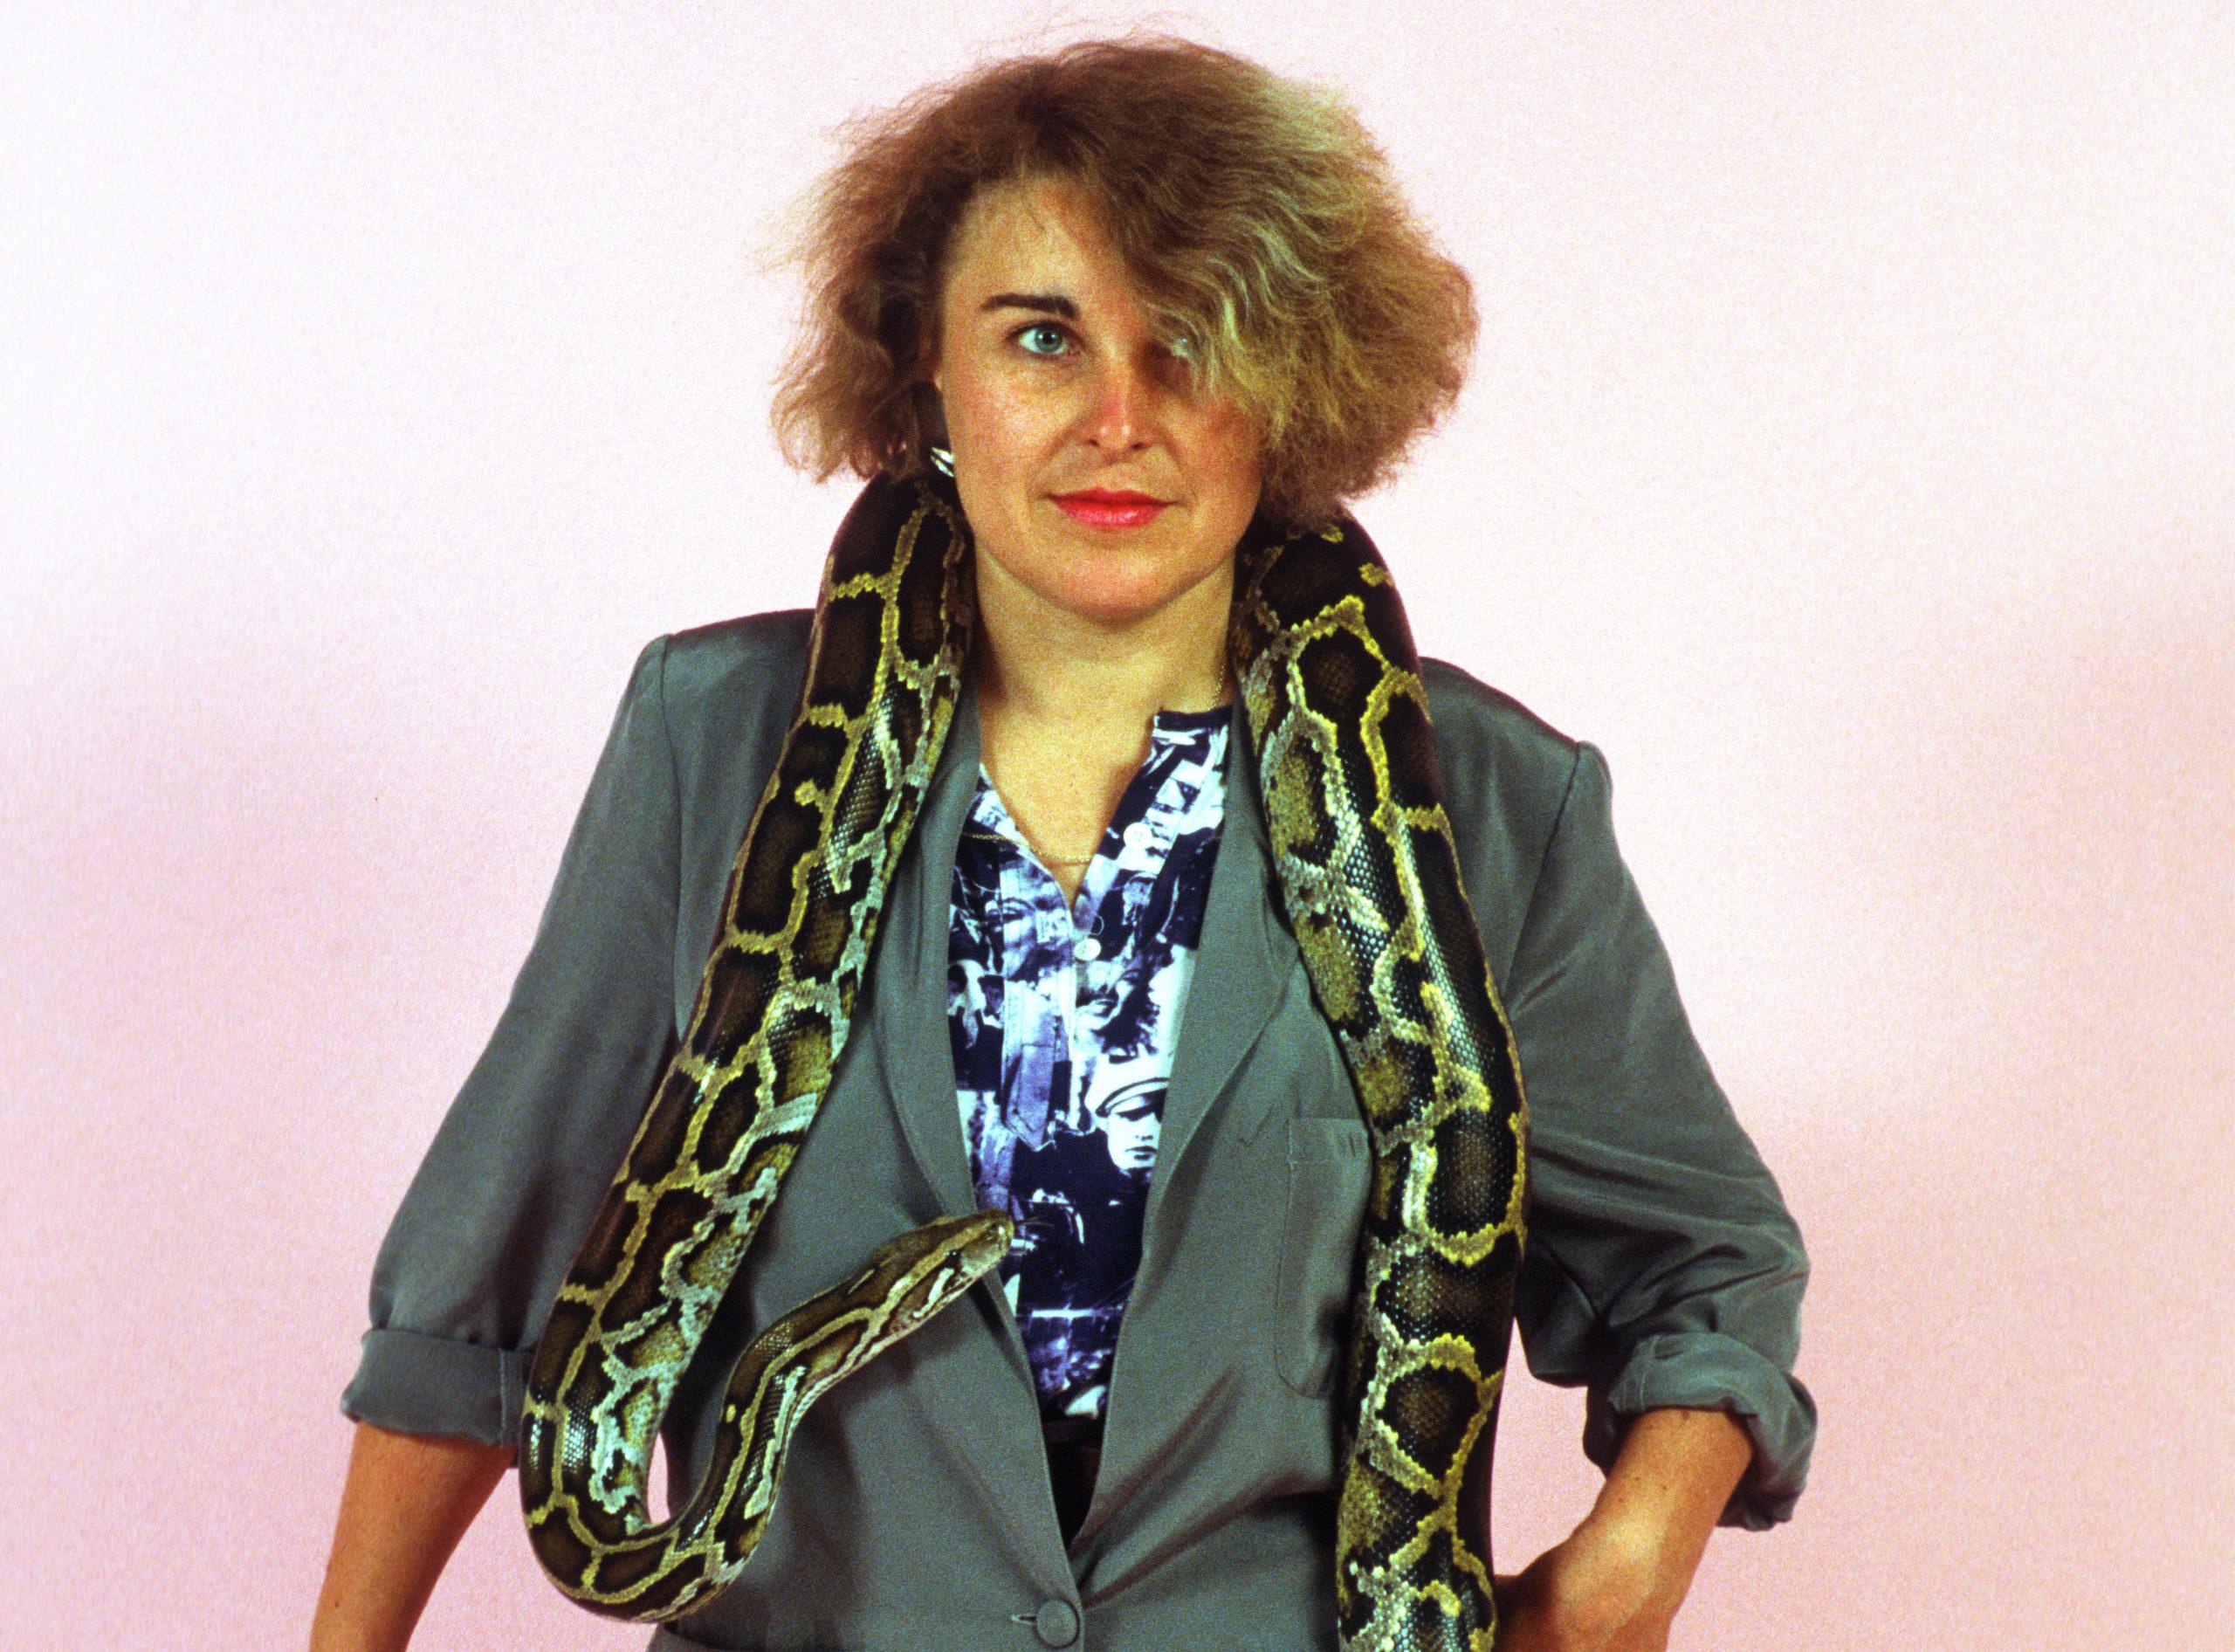 Ilse Ruppert wurde 1947 in Mespelbrunn im Spessart geboren. Sie begann ihre Karriere als Fotografin in den späten 1970er-Jahren in München. Von dort reiste sie nach New York und Los Angeles und dokumentierte die Anfänge der Punk-Szene. Nach Stationen in Hamburg und Paris lebt sie seit 1997 in Berlin. Ihre Arbeiten erschienen in Magazinen in der ganzen Welt. Mehr unter: www.ilseruppert.de